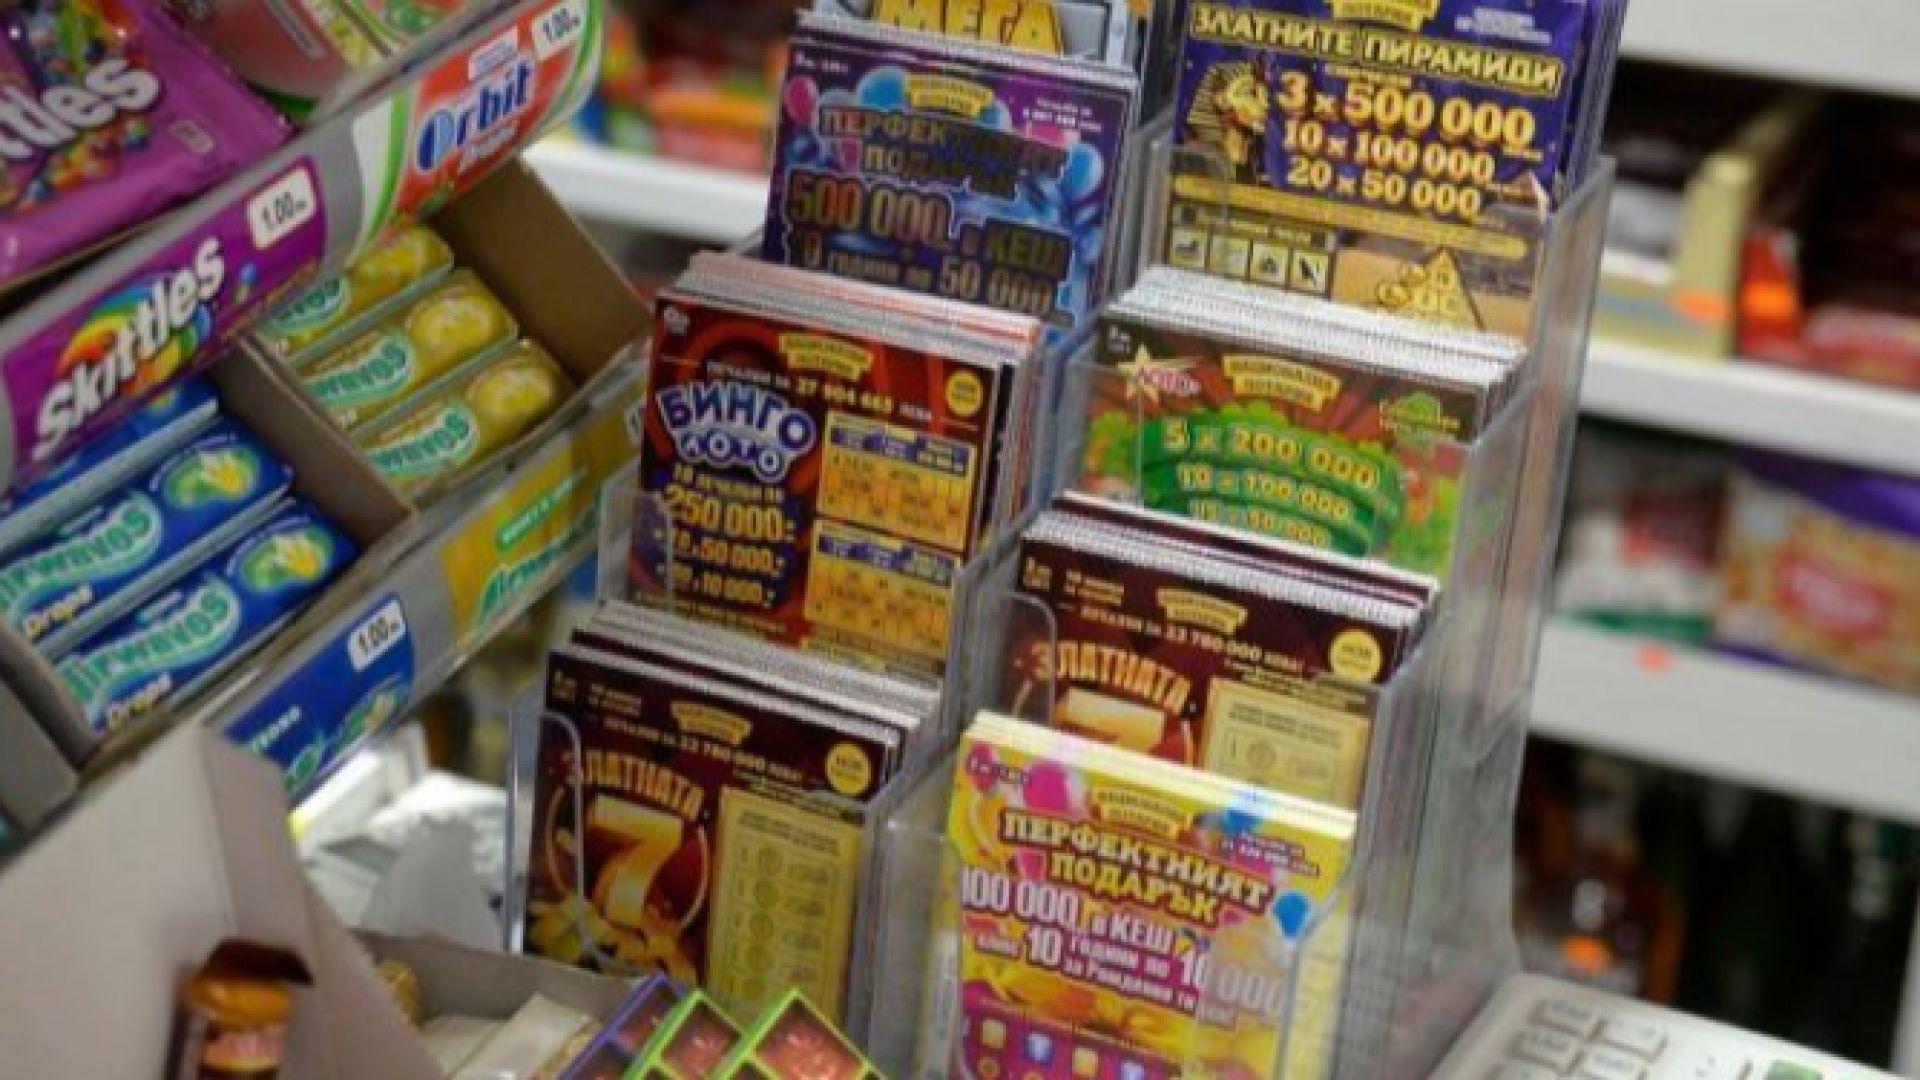 Търговци питат премиера как да си върнат милионите след спирането на частната лотария